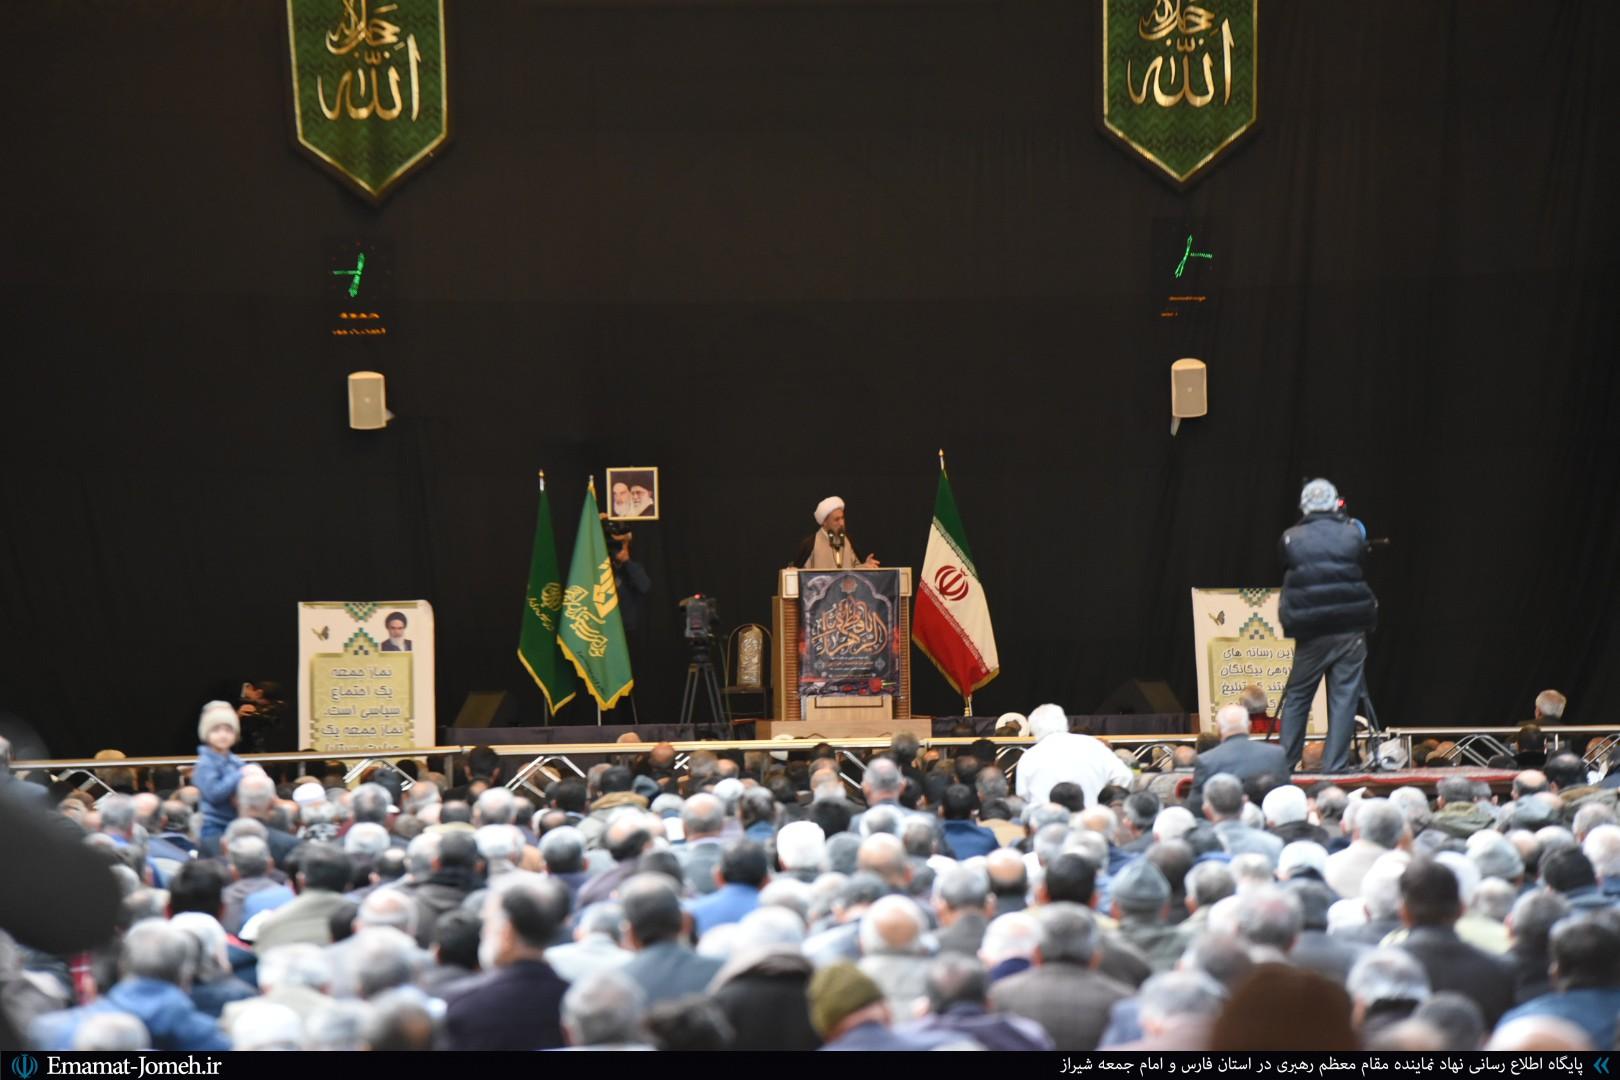 گزارش تصویری/ نماز جمعه ۴ بهمن ماه ۹۸ شیراز